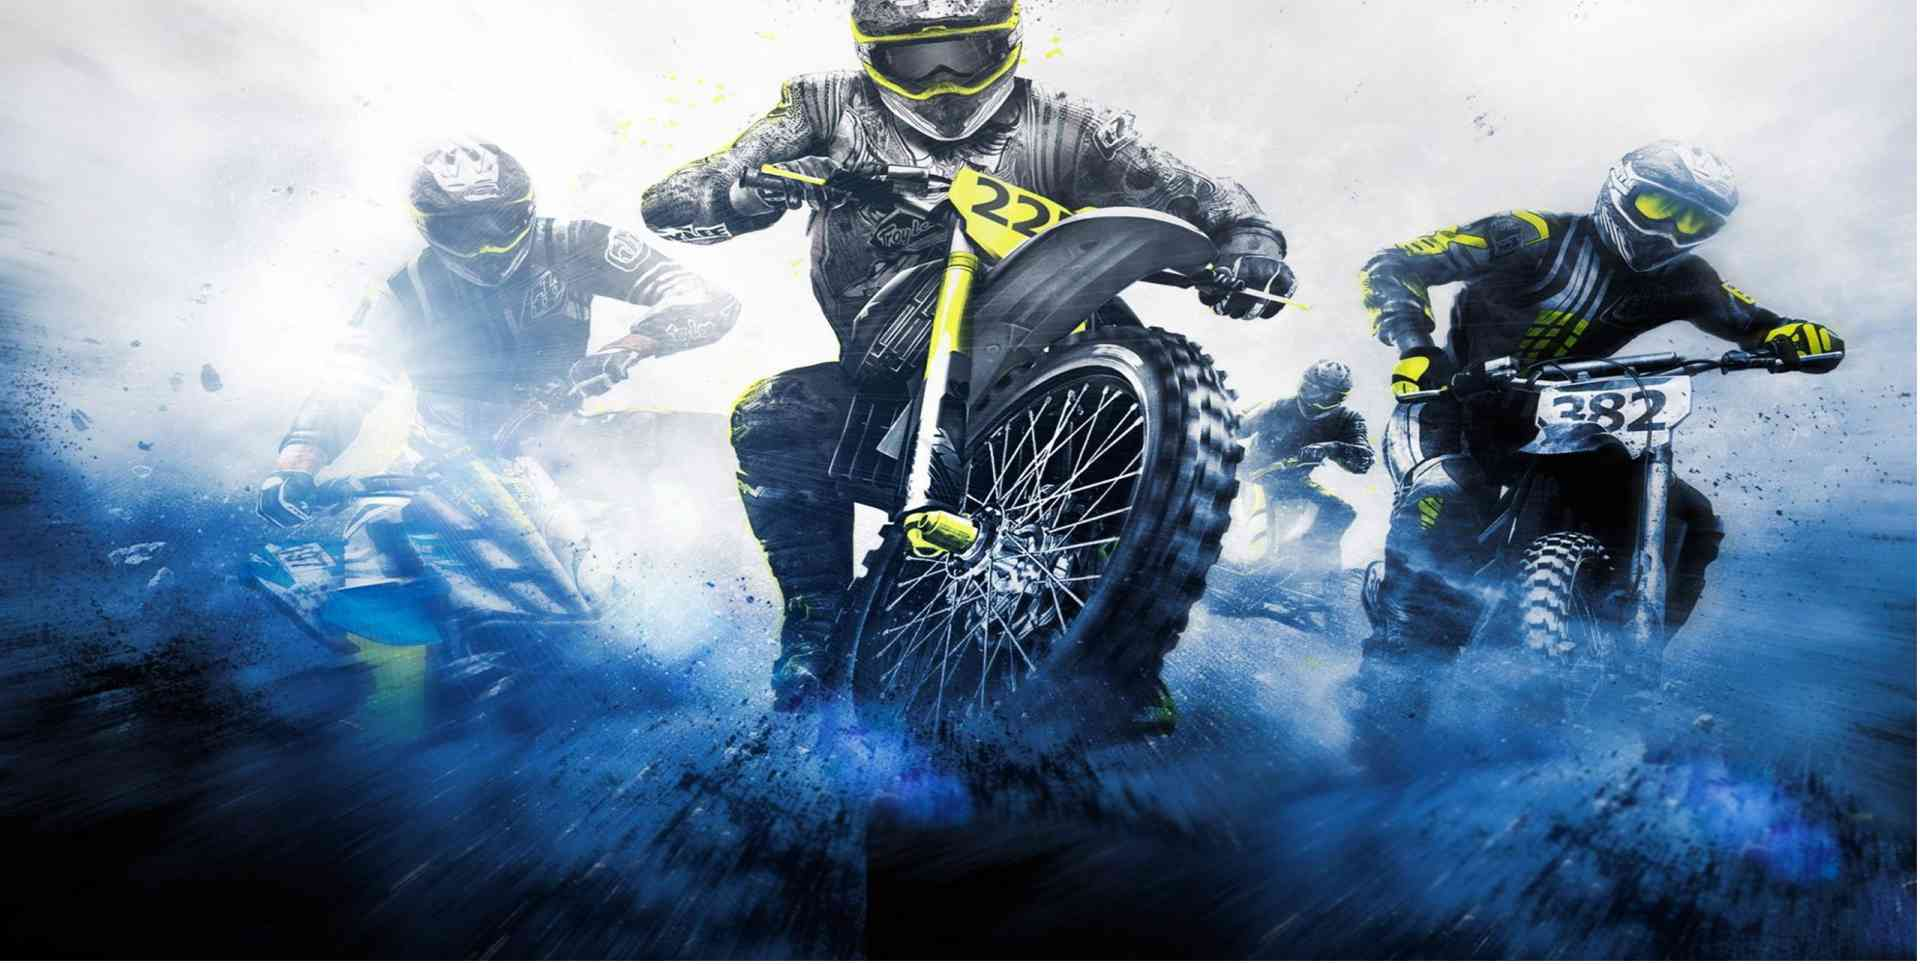 Motocross Schedule